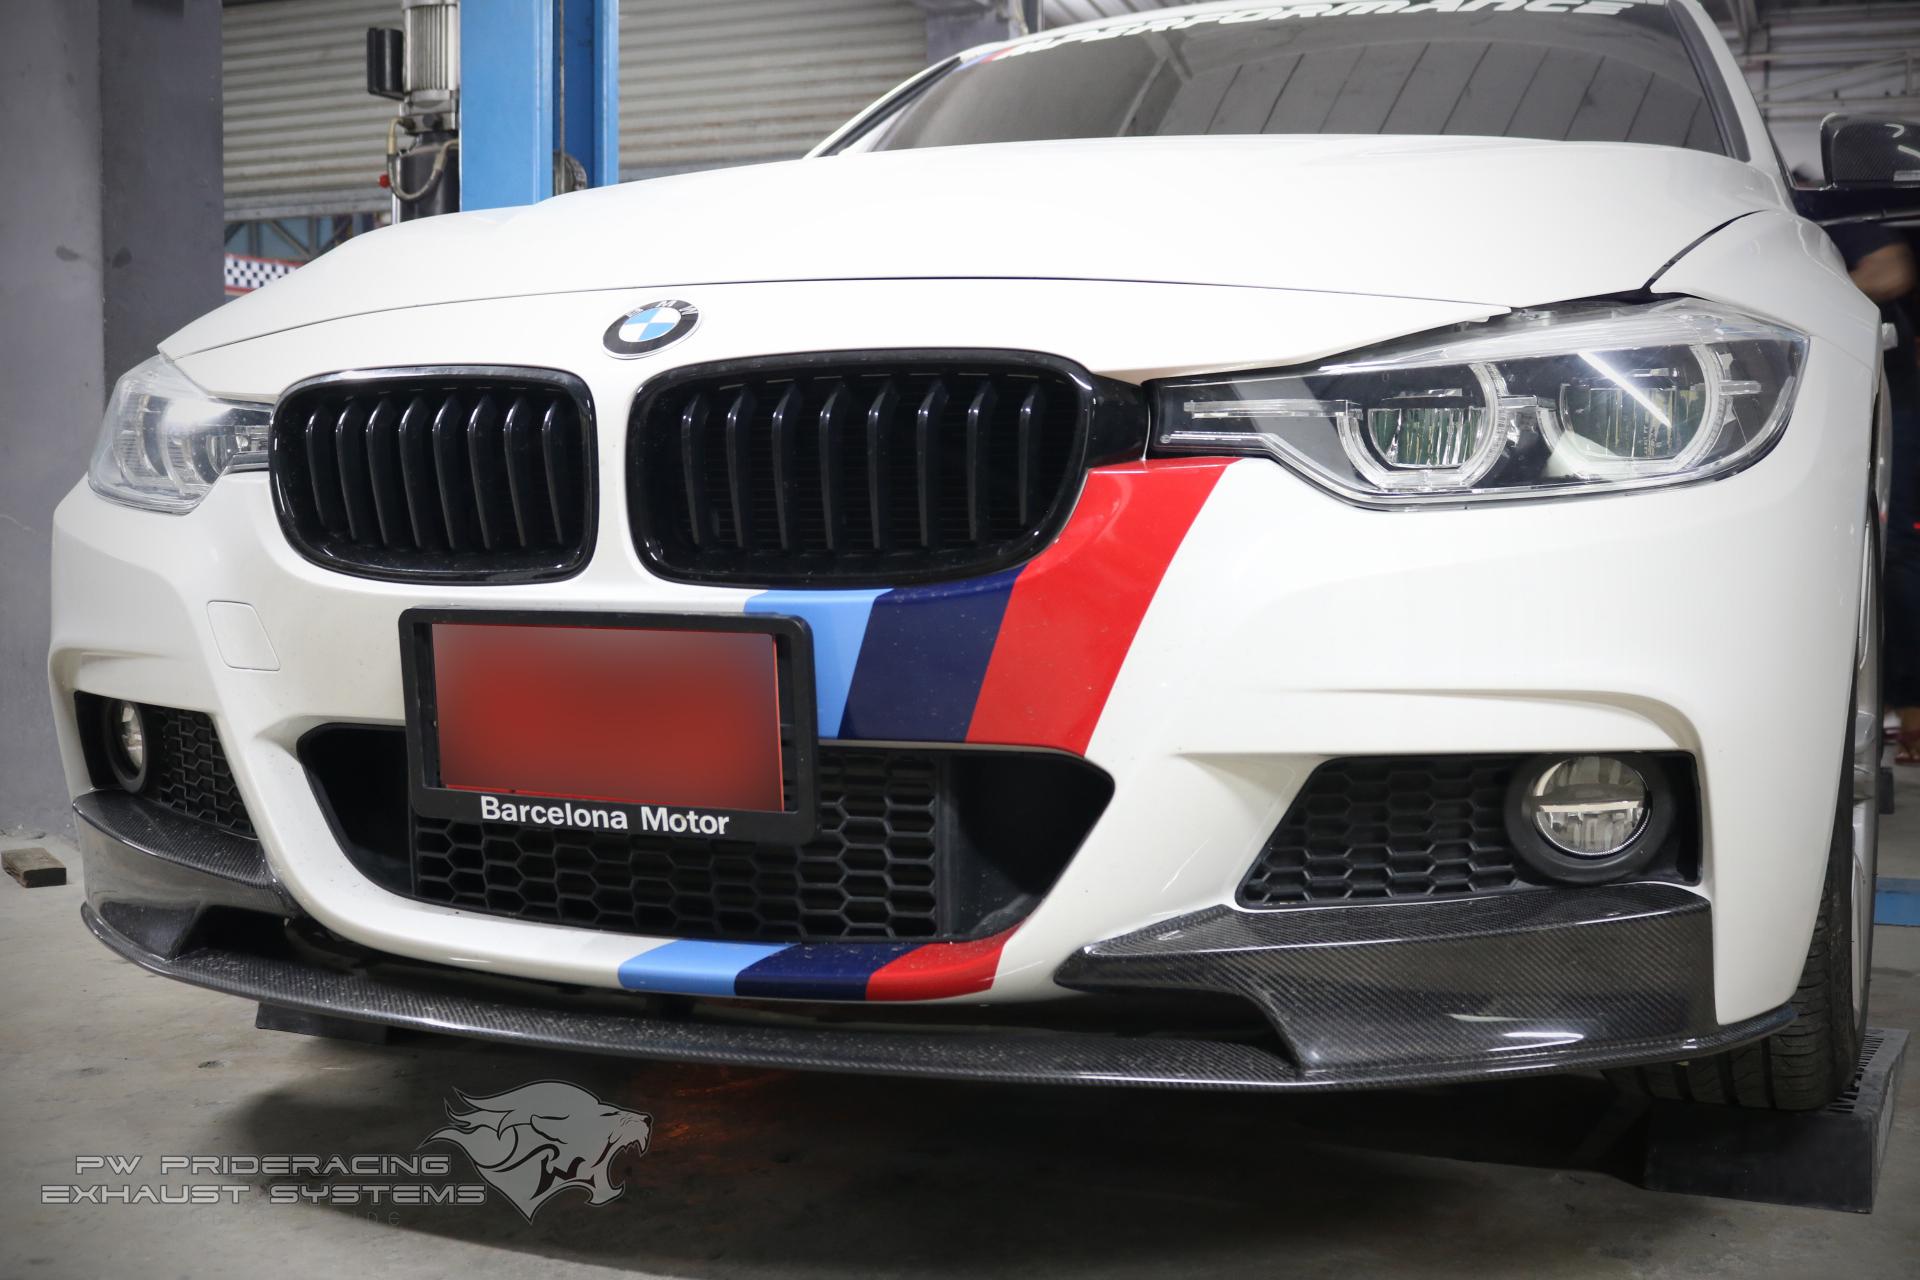 ชุดท่อไอเสีย BMW F30 LCI by PW PrideRacing